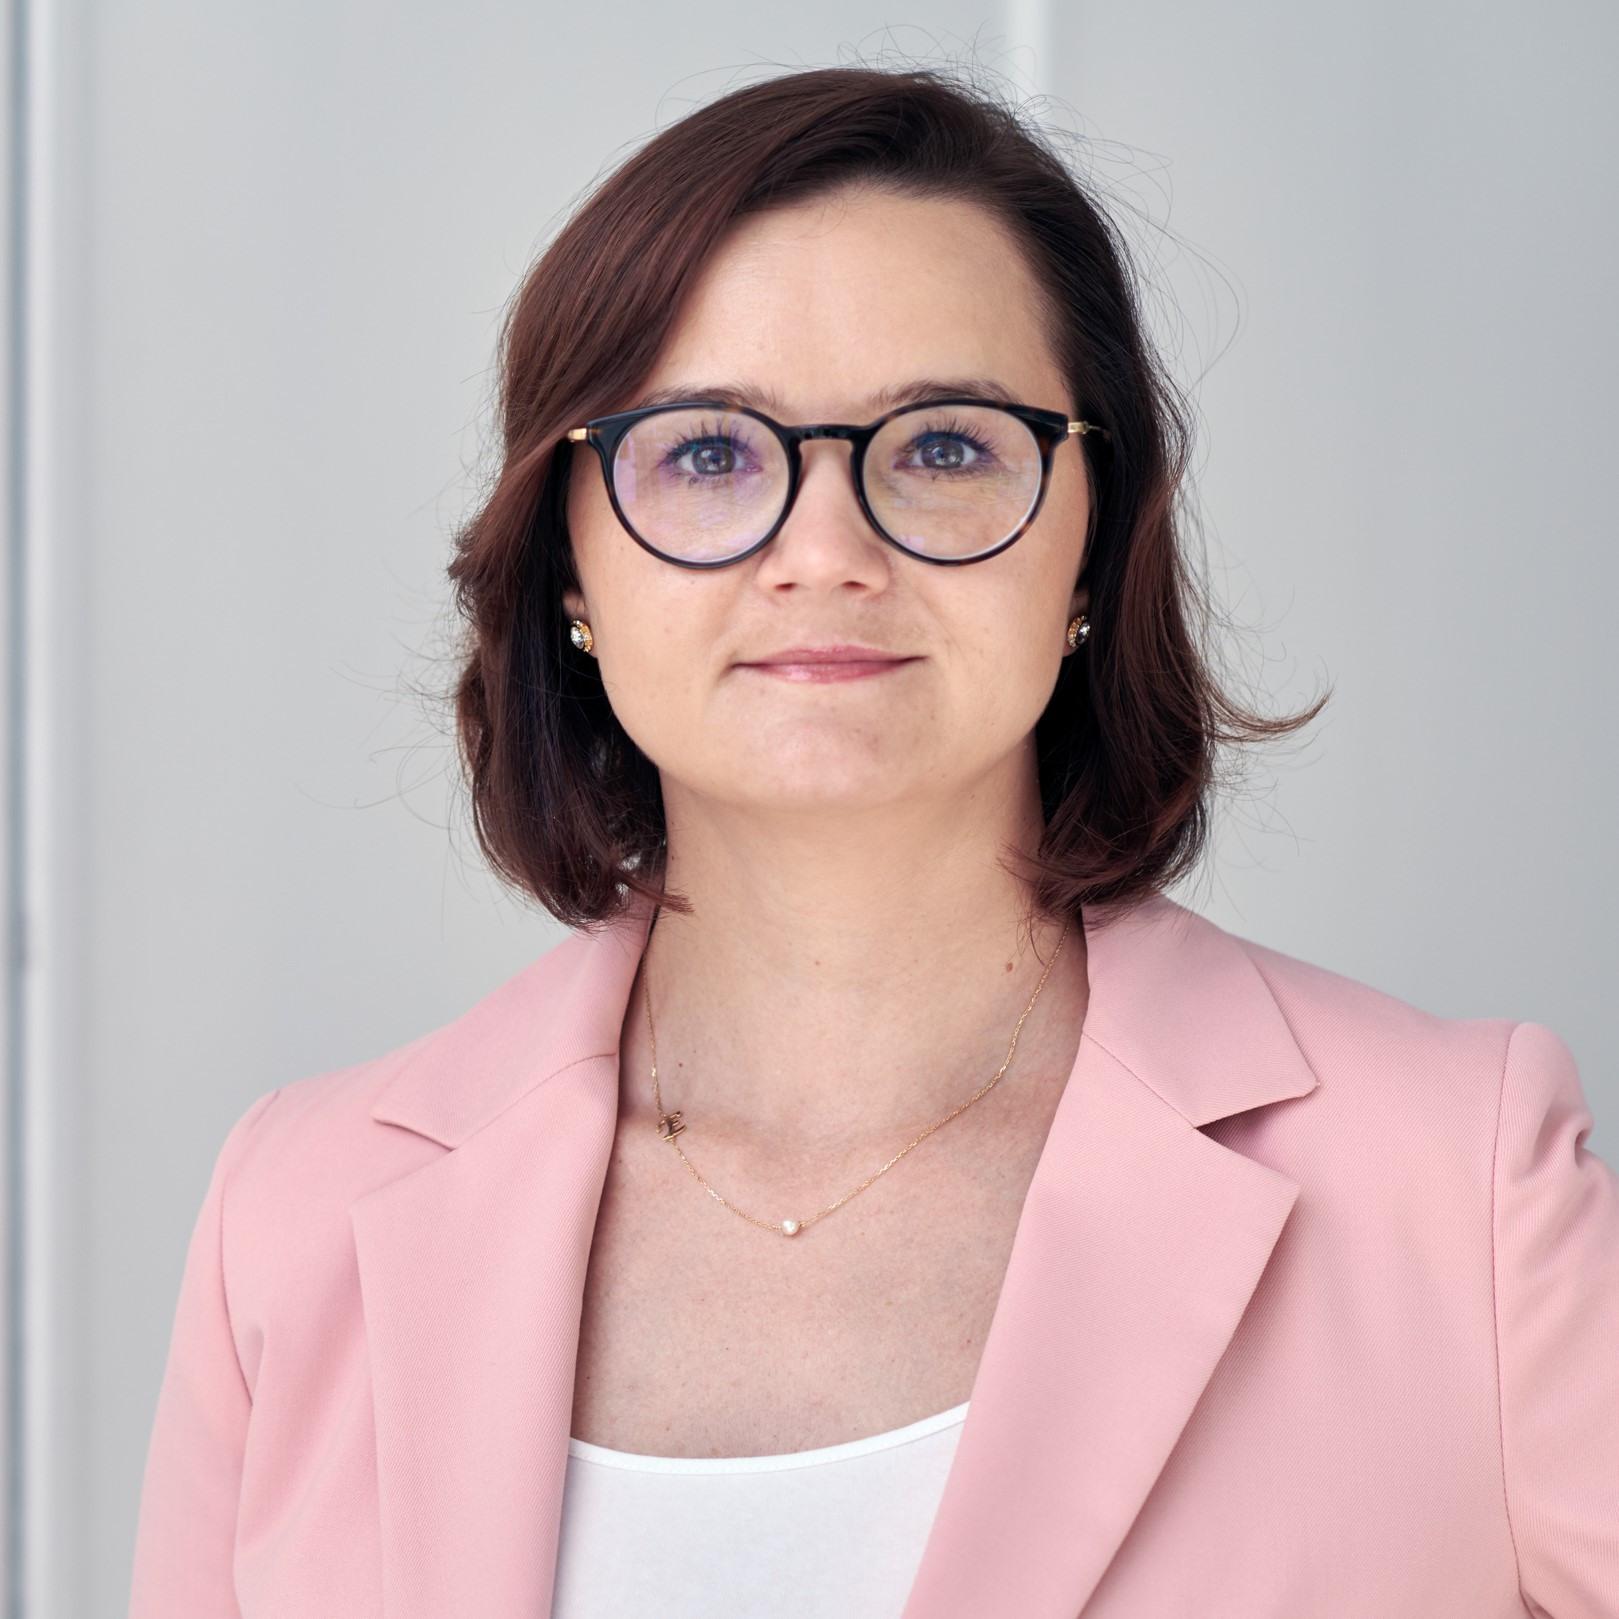 Ewa Lejman-Widz profile image